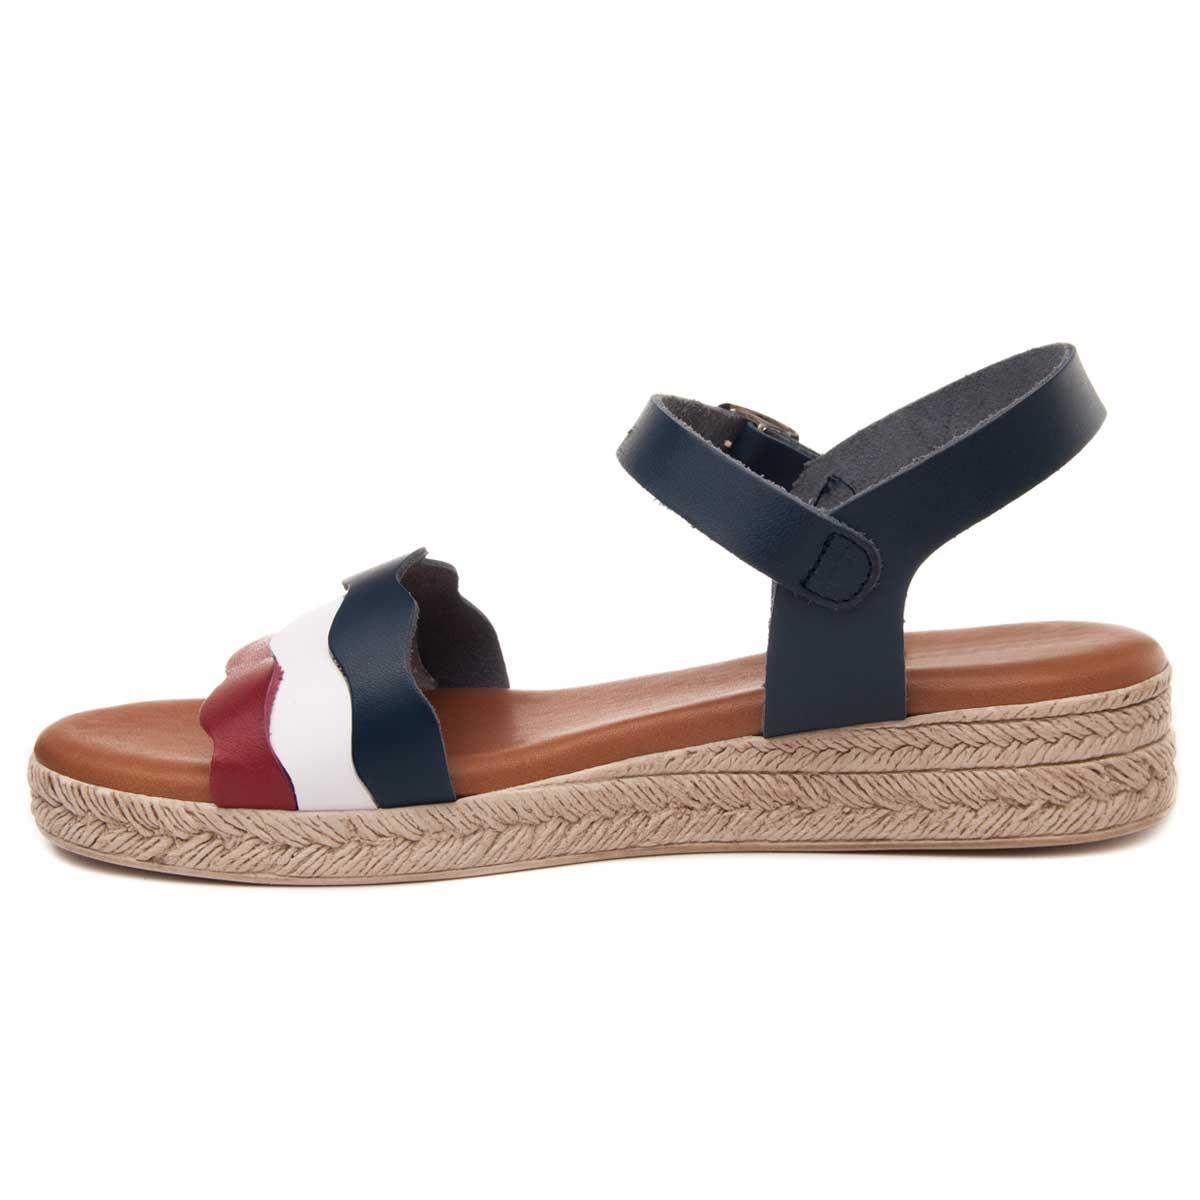 Purapiel Strappy Flat Sandal in Blue